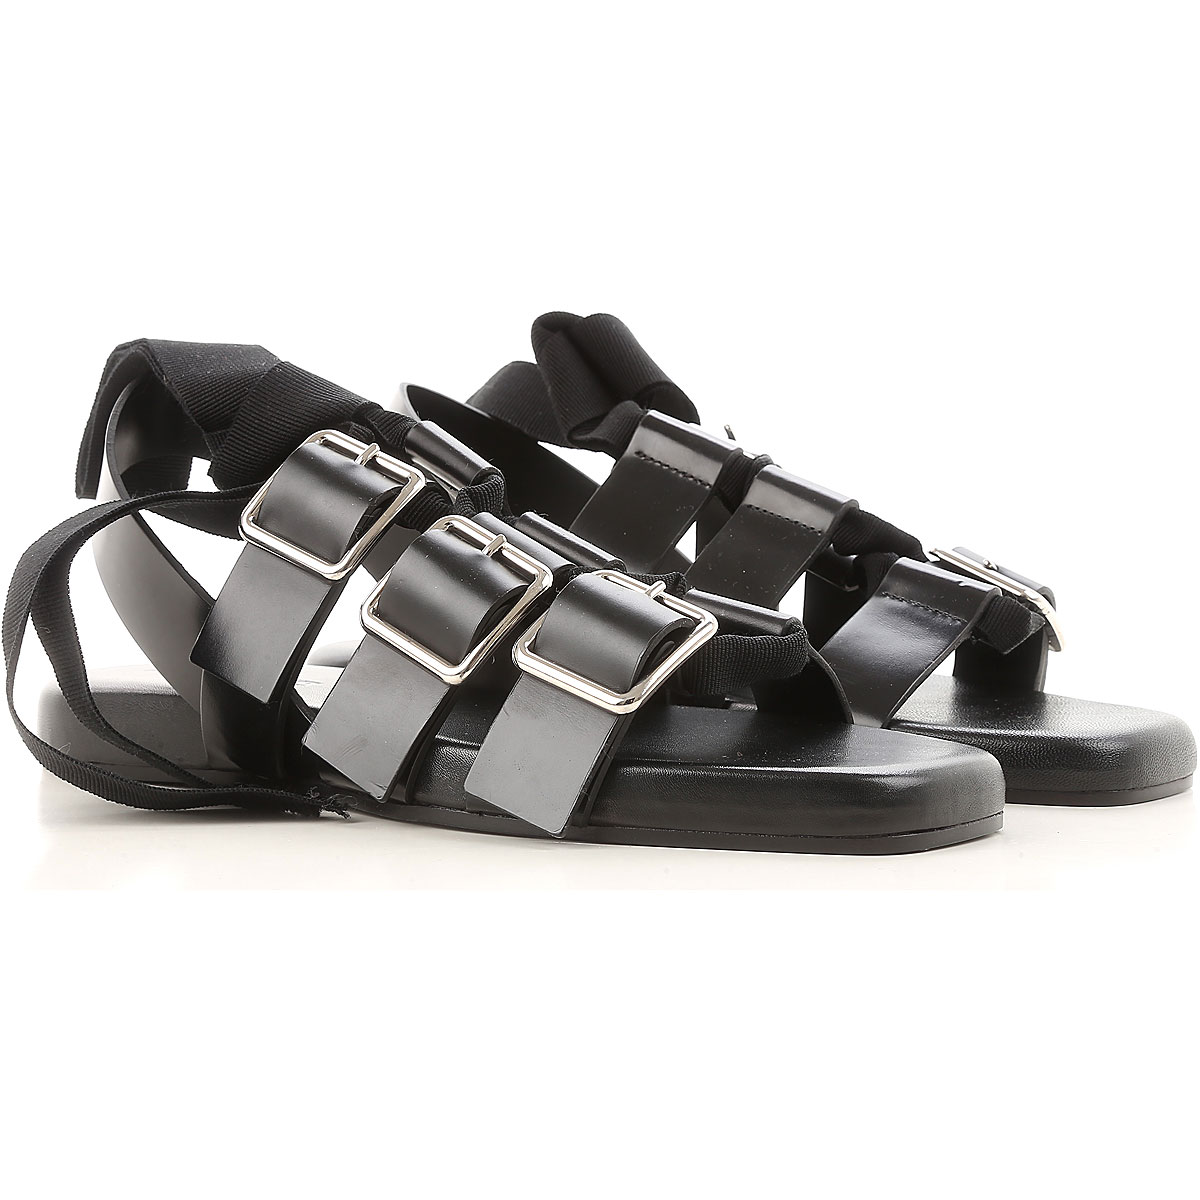 Jil Sander Sandals for Women On Sale in Outlet, Black, Leather, 2019, 10 7 8 9